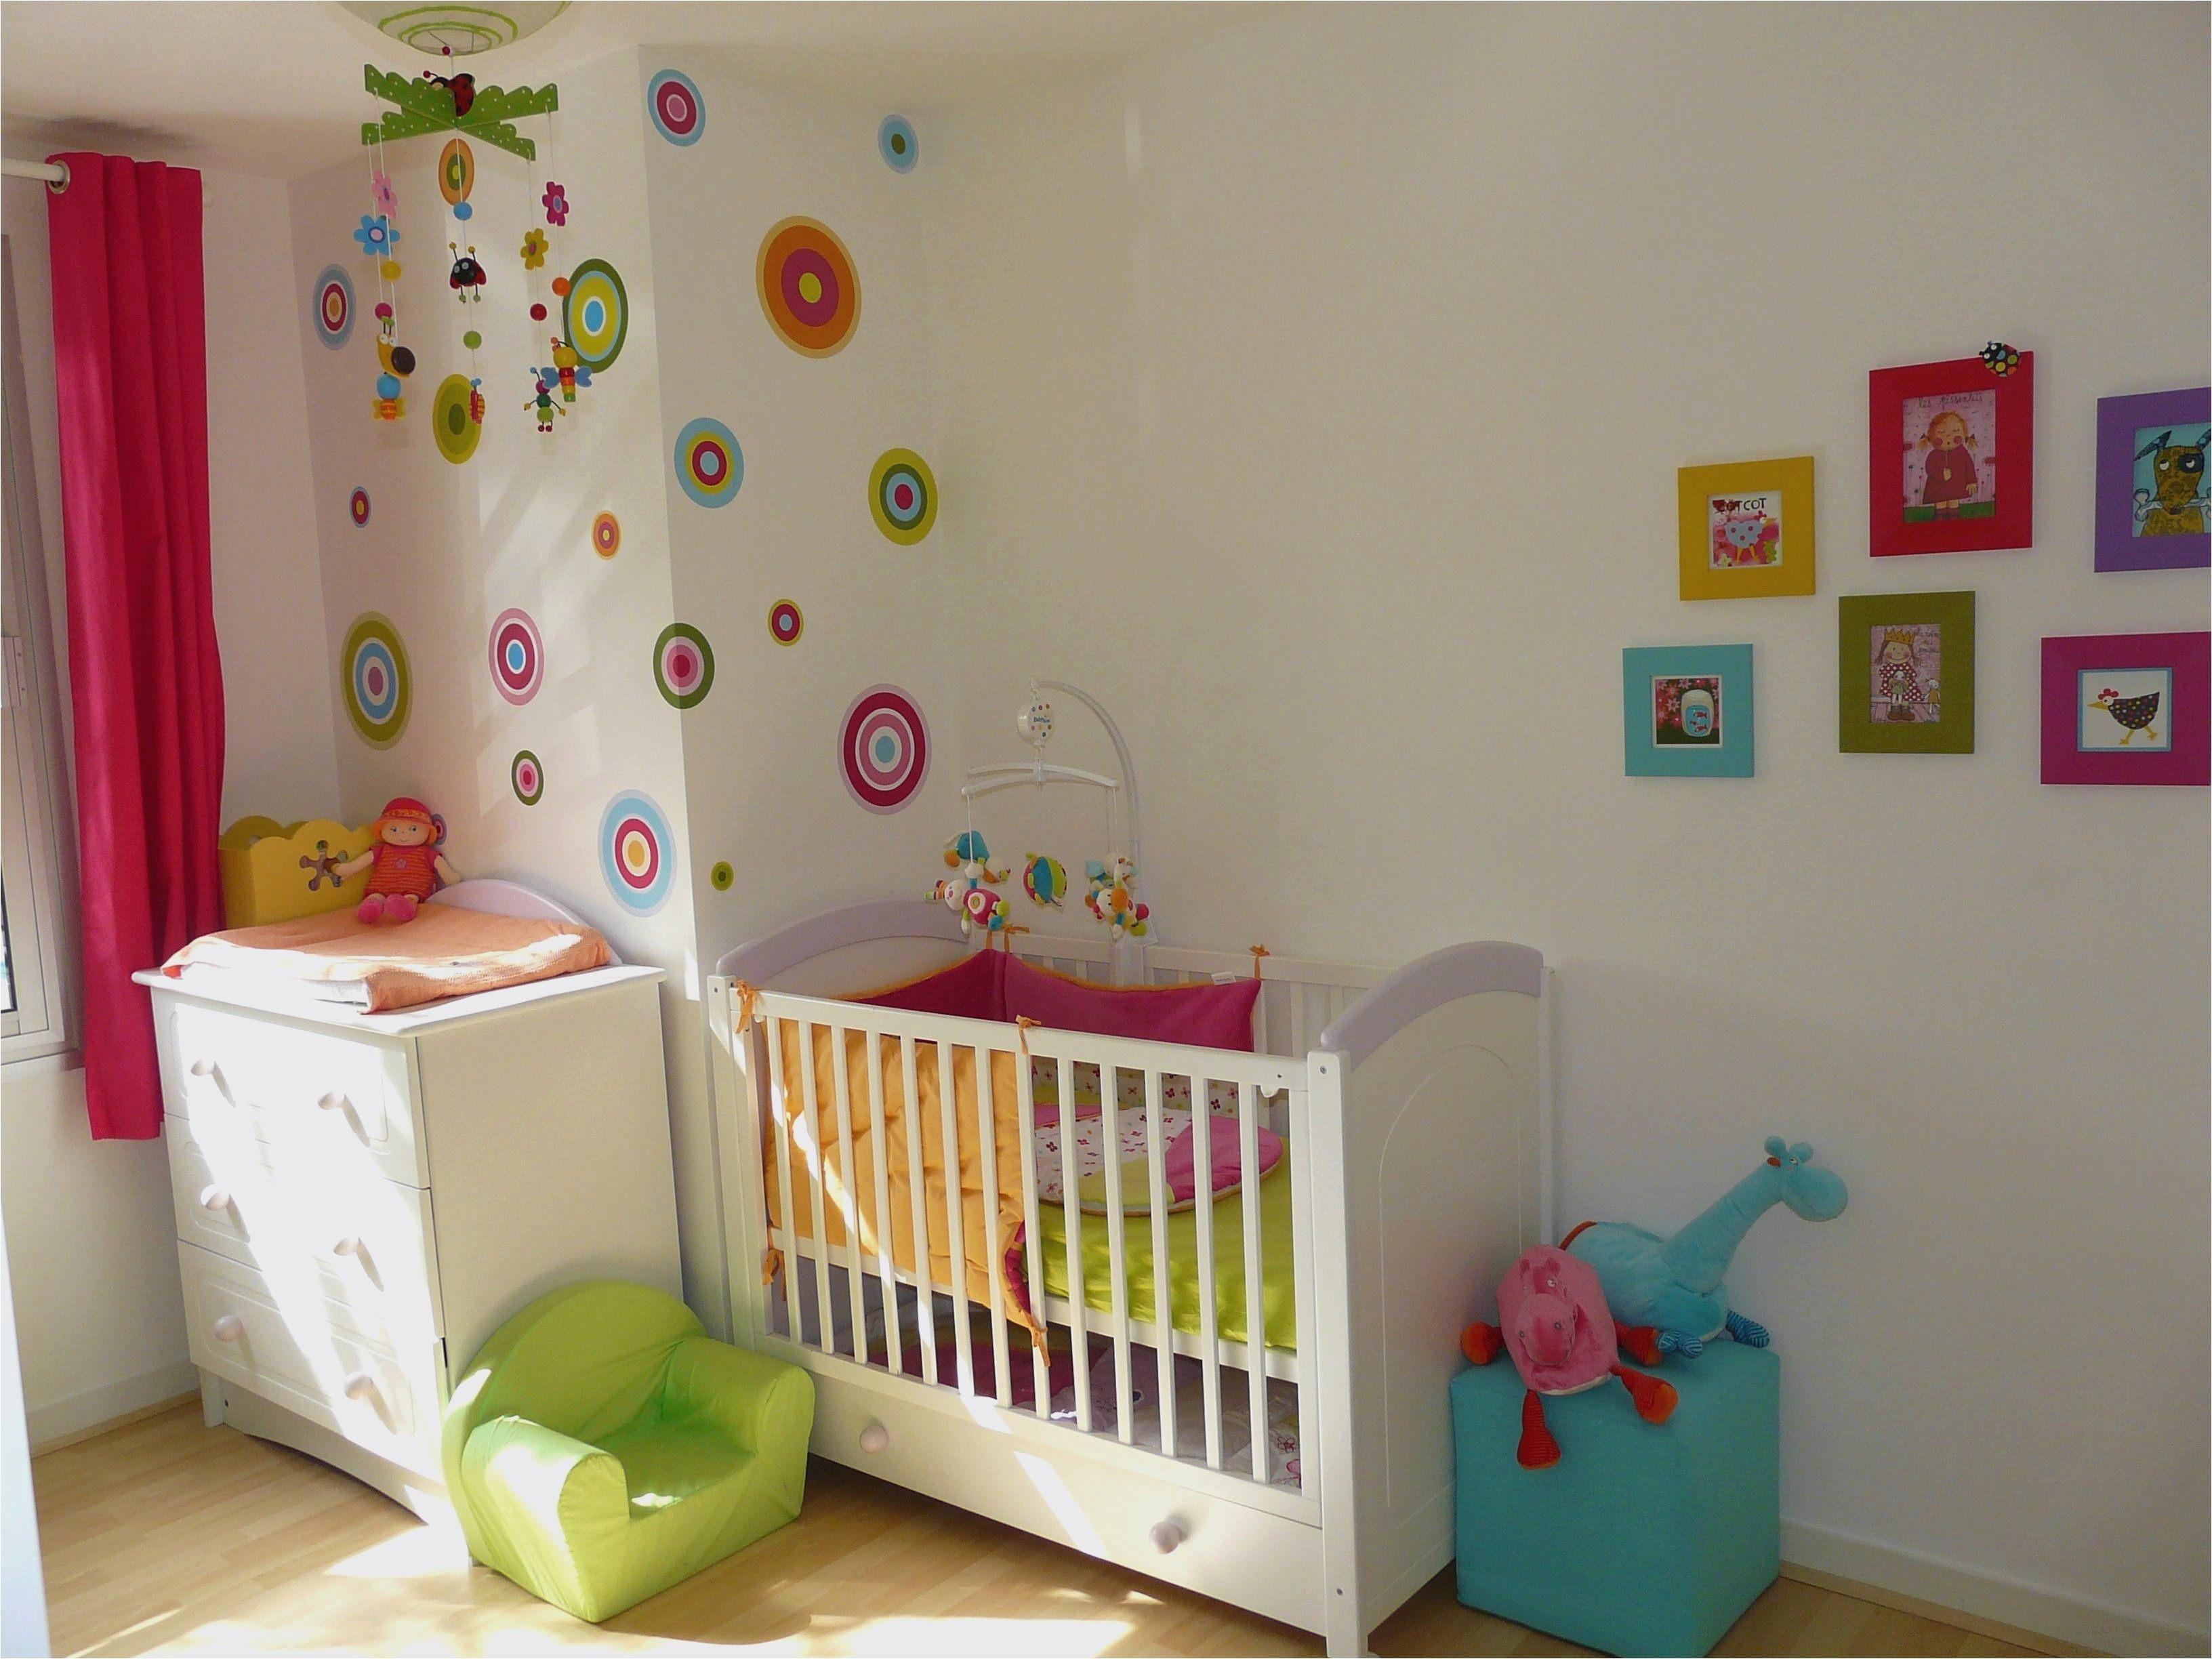 Lit Bébé à Barreaux Bel Baignoire Bébé Grand format Luxury Ikea Lit Barreaux Avec Lits